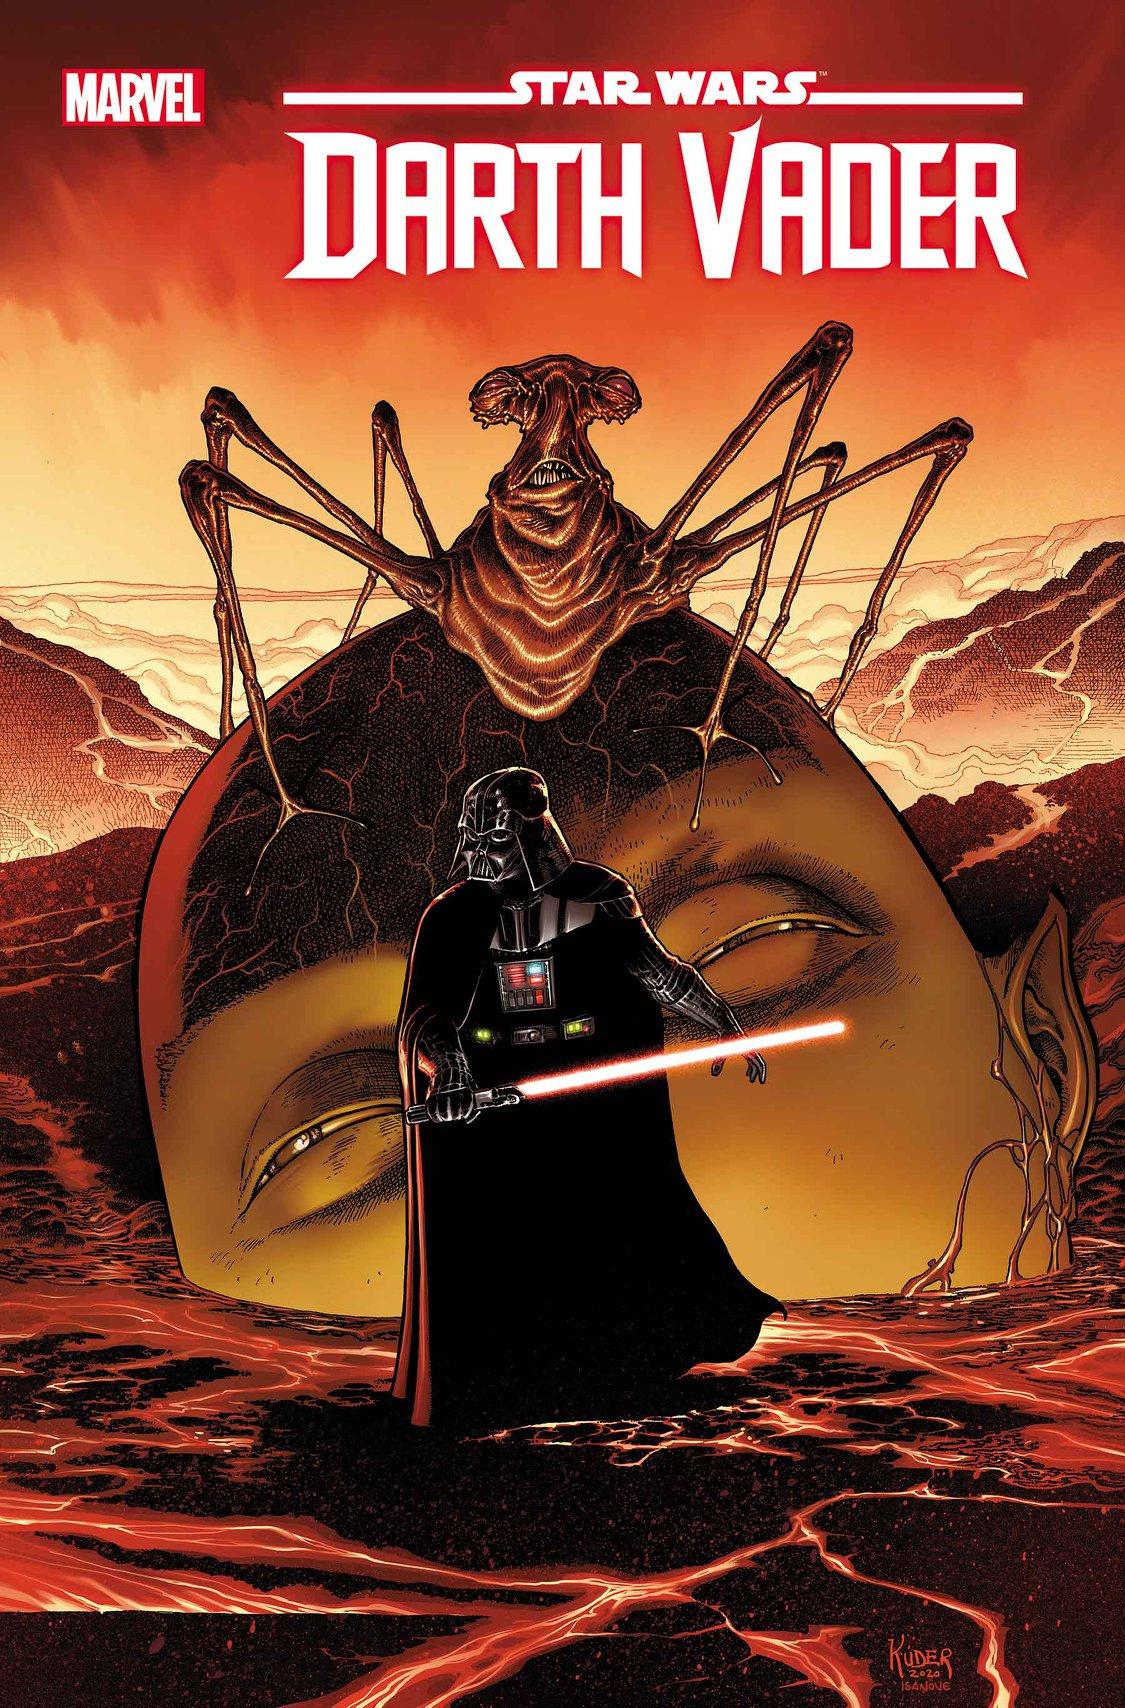 Star Wars: Darth Vader 8 (2020) - First Printing